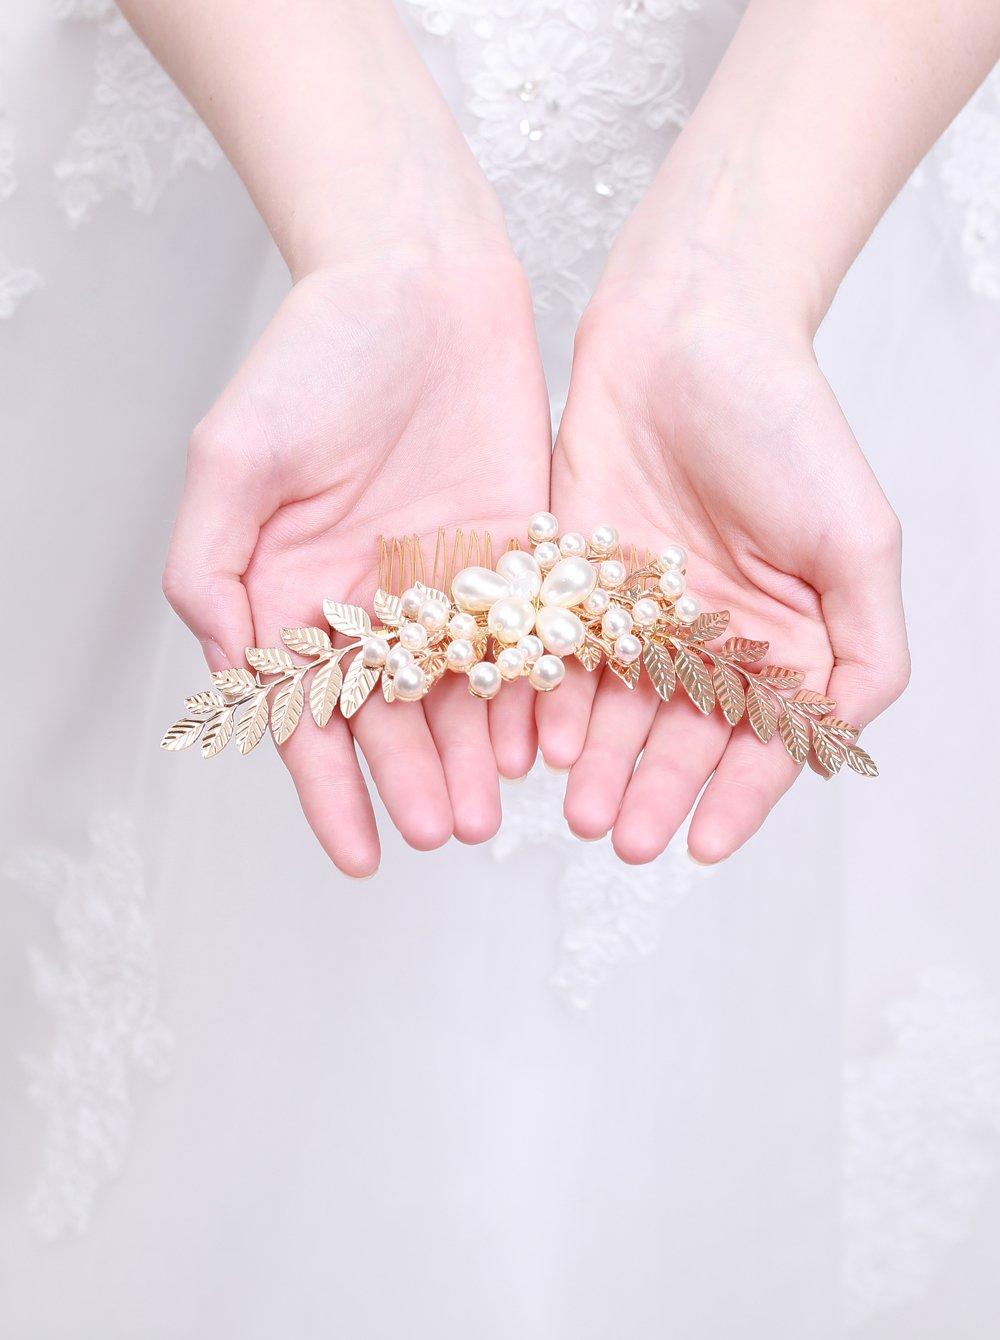 kercisbeauty boda decorativo Peines de novia peine de pelo diadema boda  pelo pieza Vintage peine de d4db1054c69d